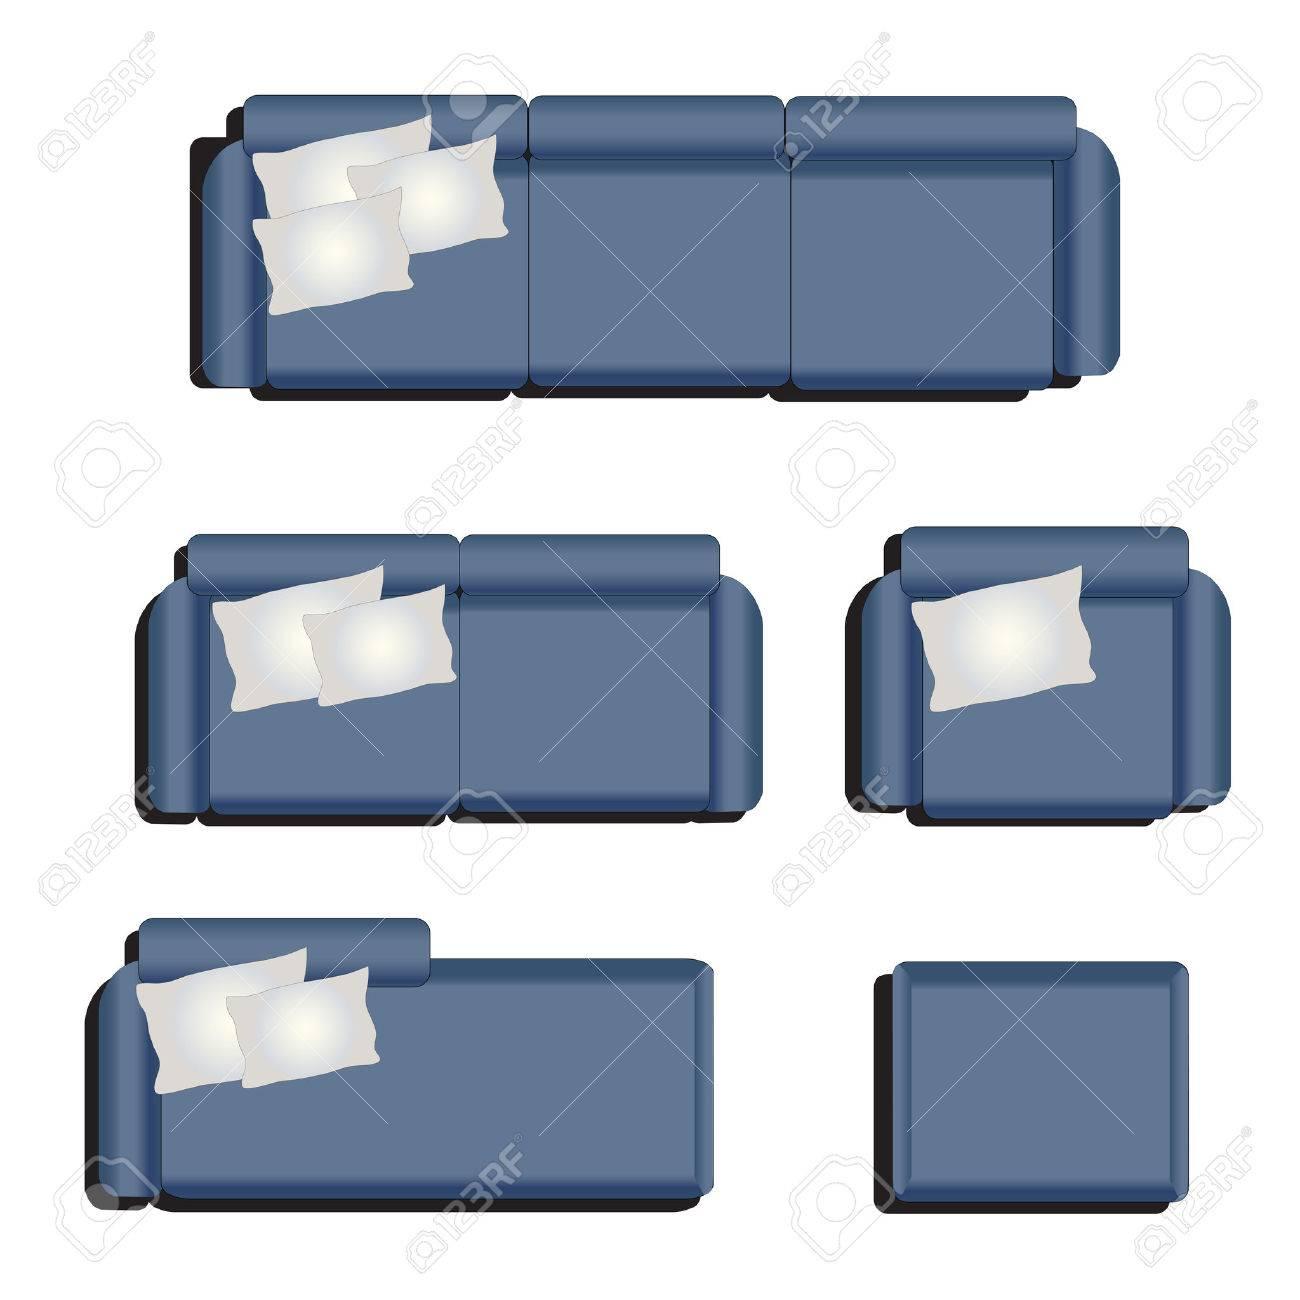 Möbel Draufsicht Satz 32 Für Innen, Vektor Illustration, Blauen Sofa  Standard Bild